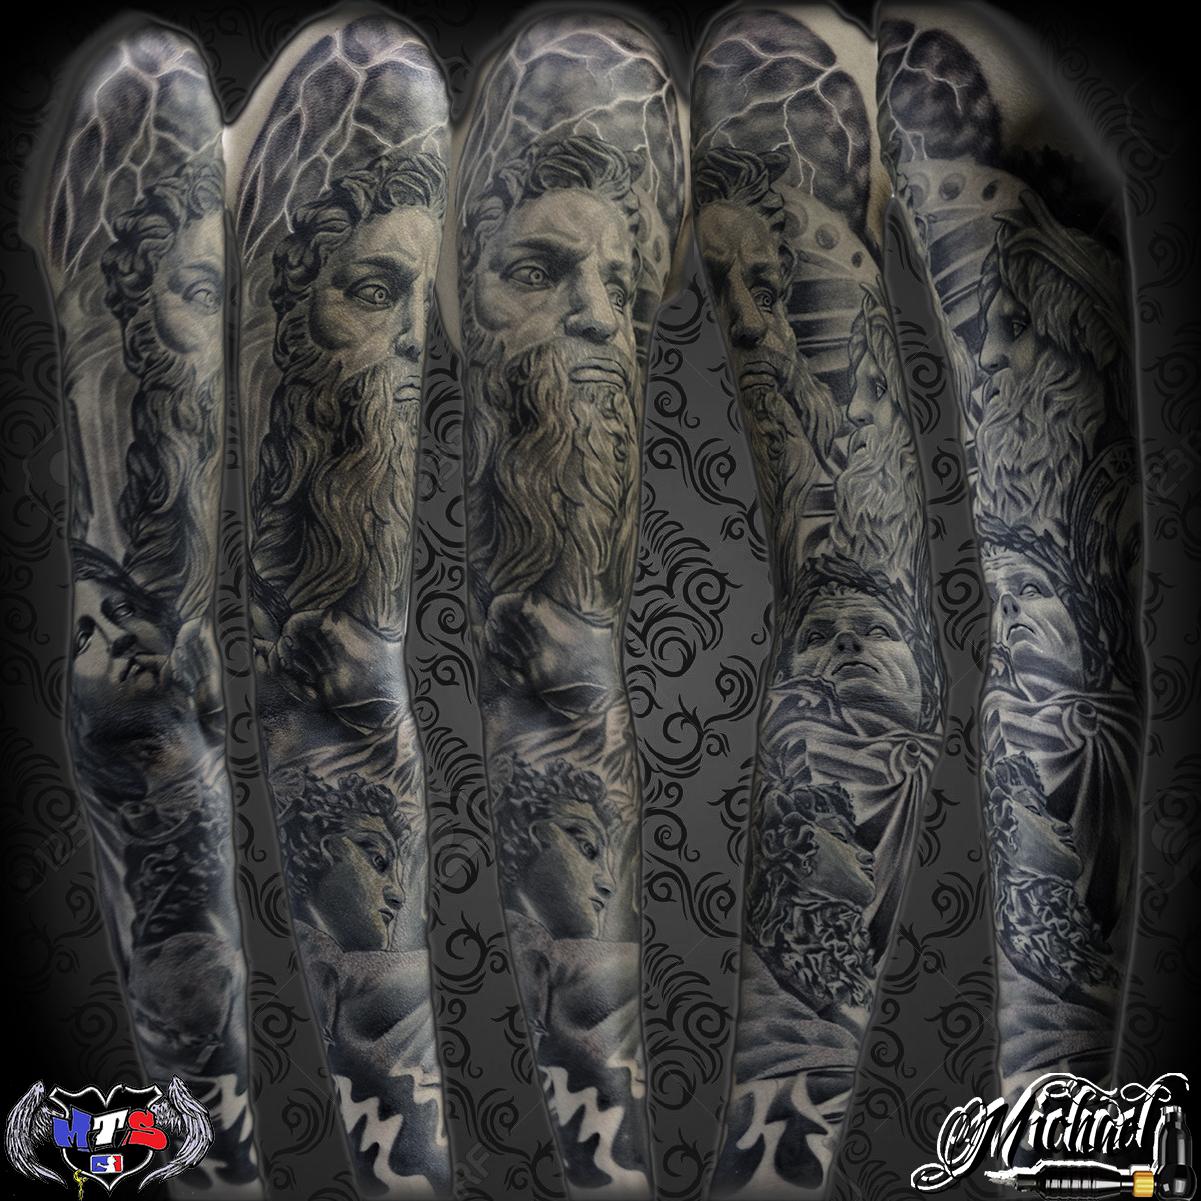 brazo entero tatuado